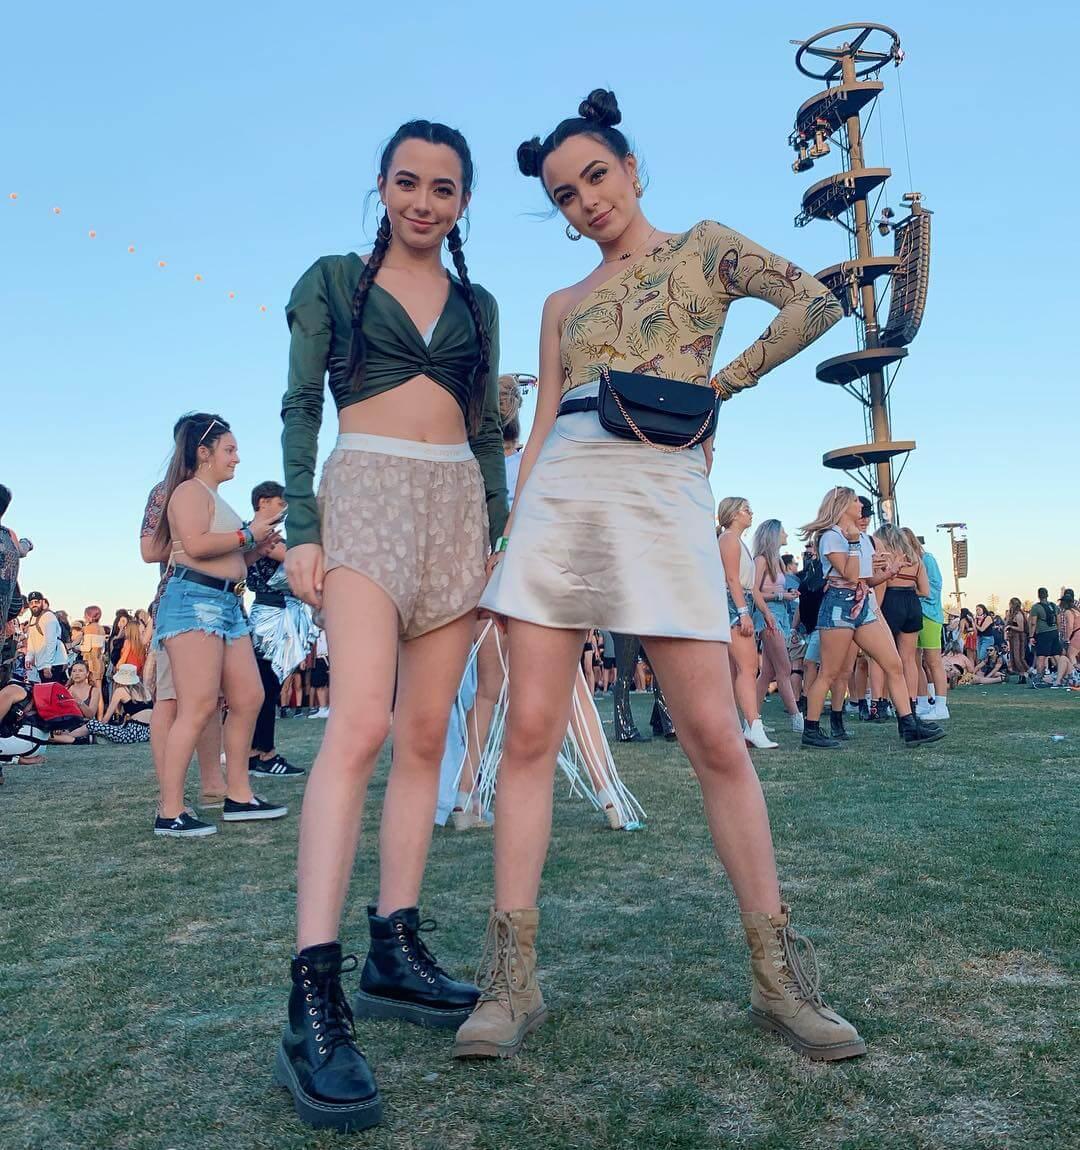 Merrell Twins hot legs